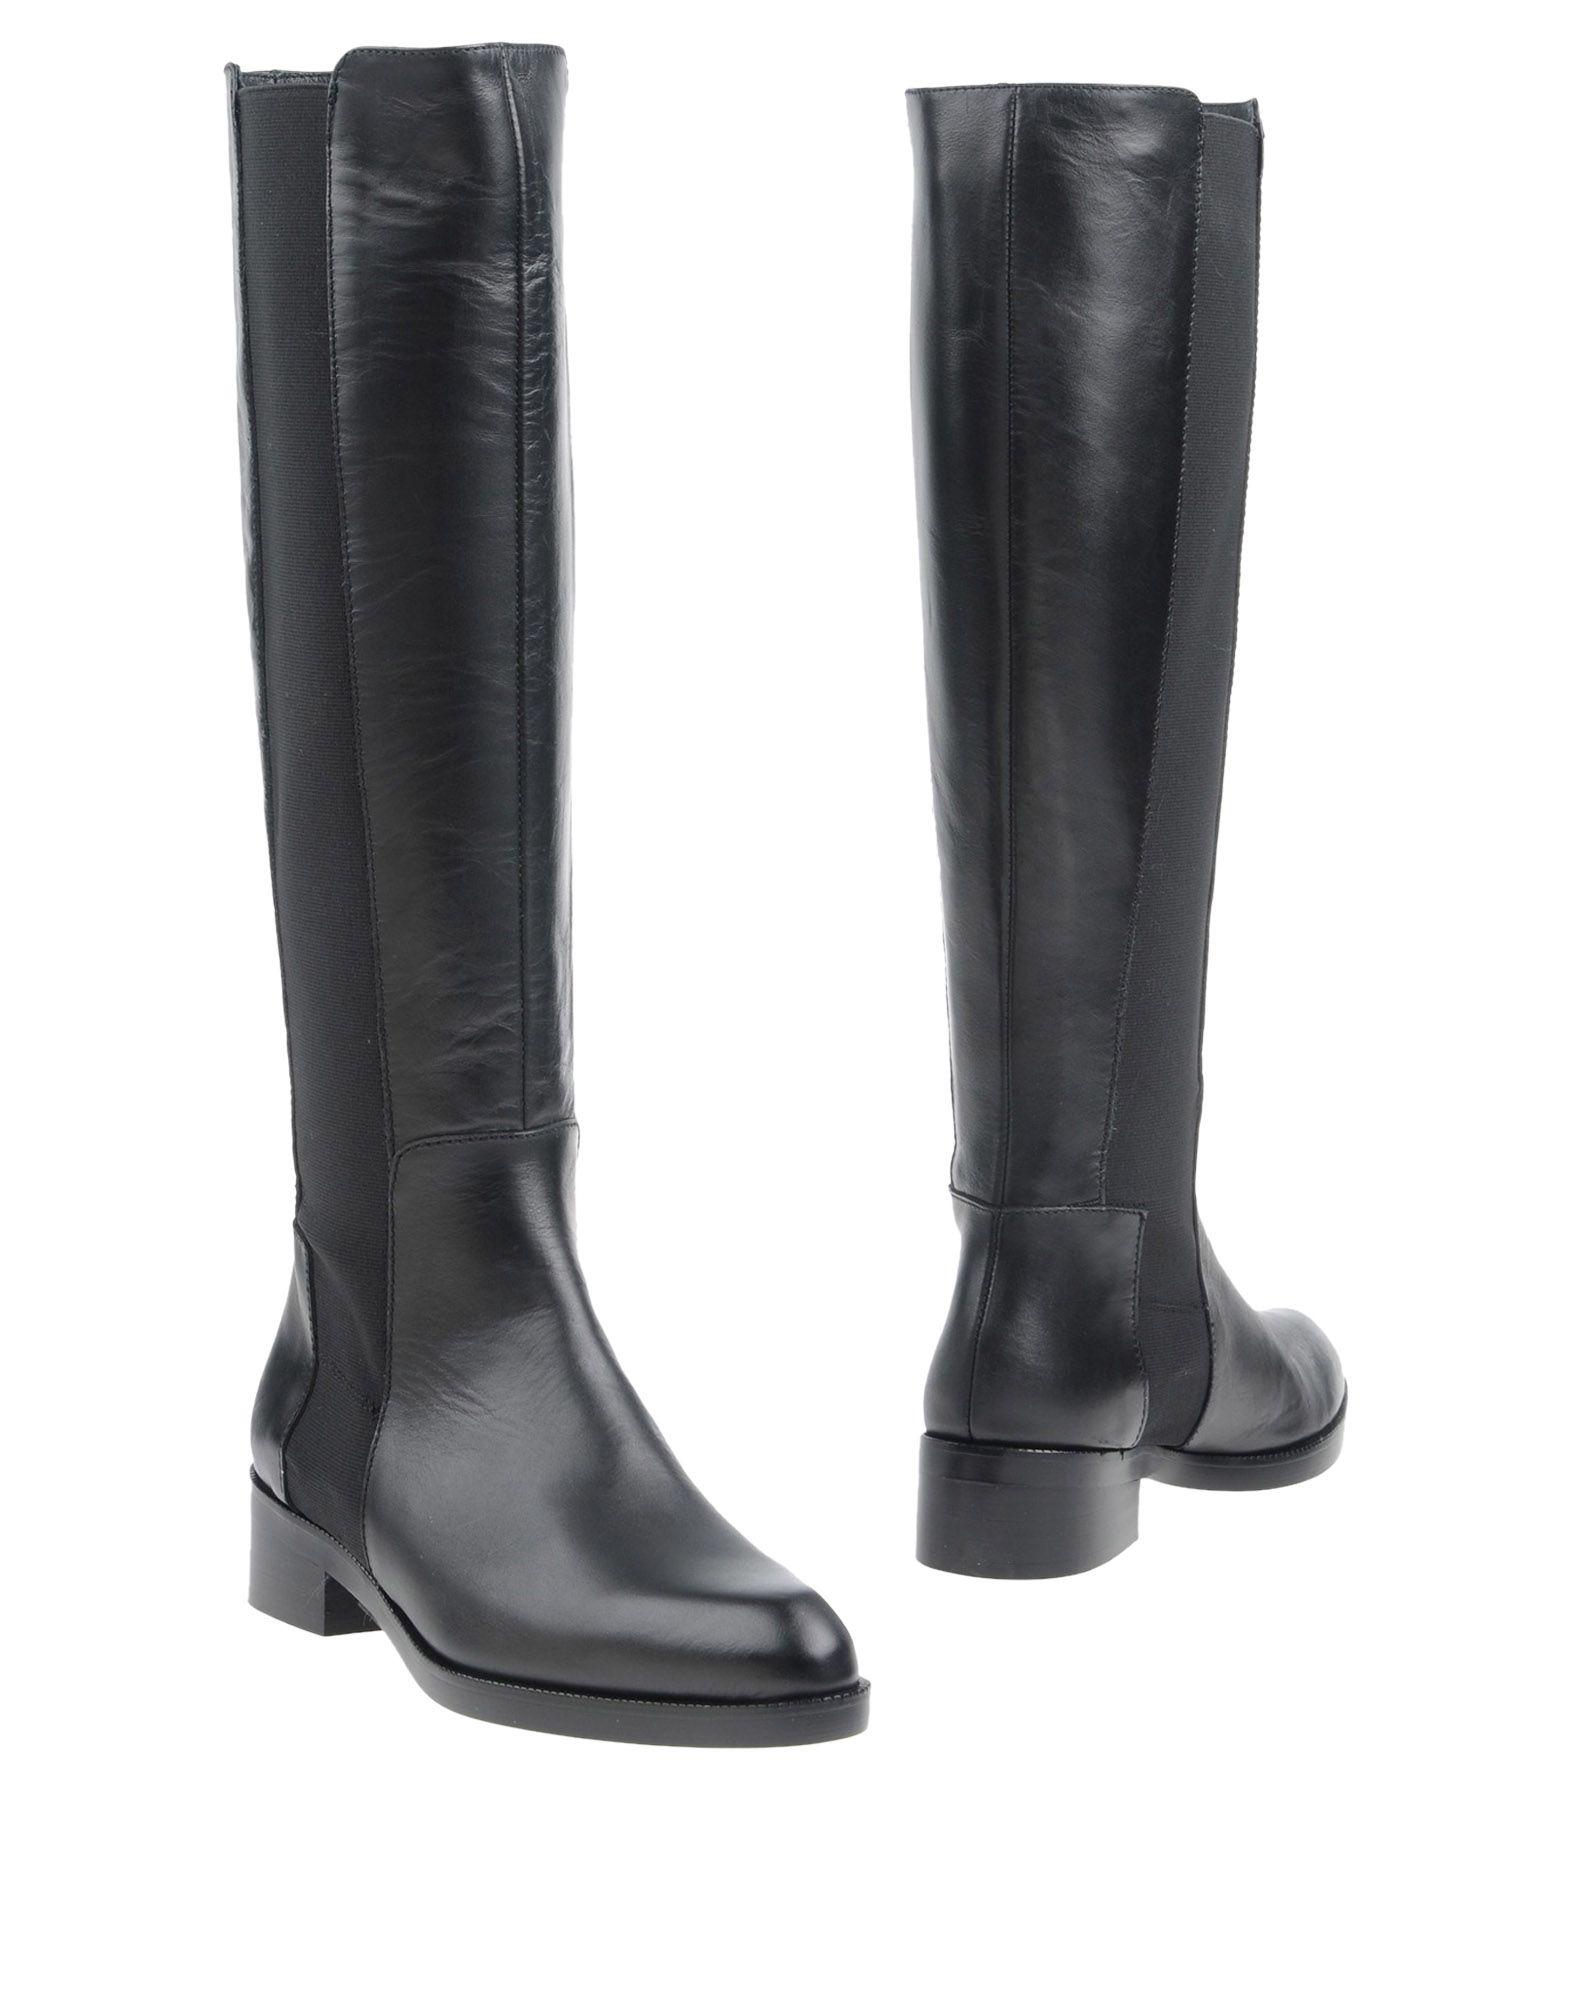 Eqüitare aussehende Stiefel Damen  11236263XEGut aussehende Eqüitare strapazierfähige Schuhe b48764